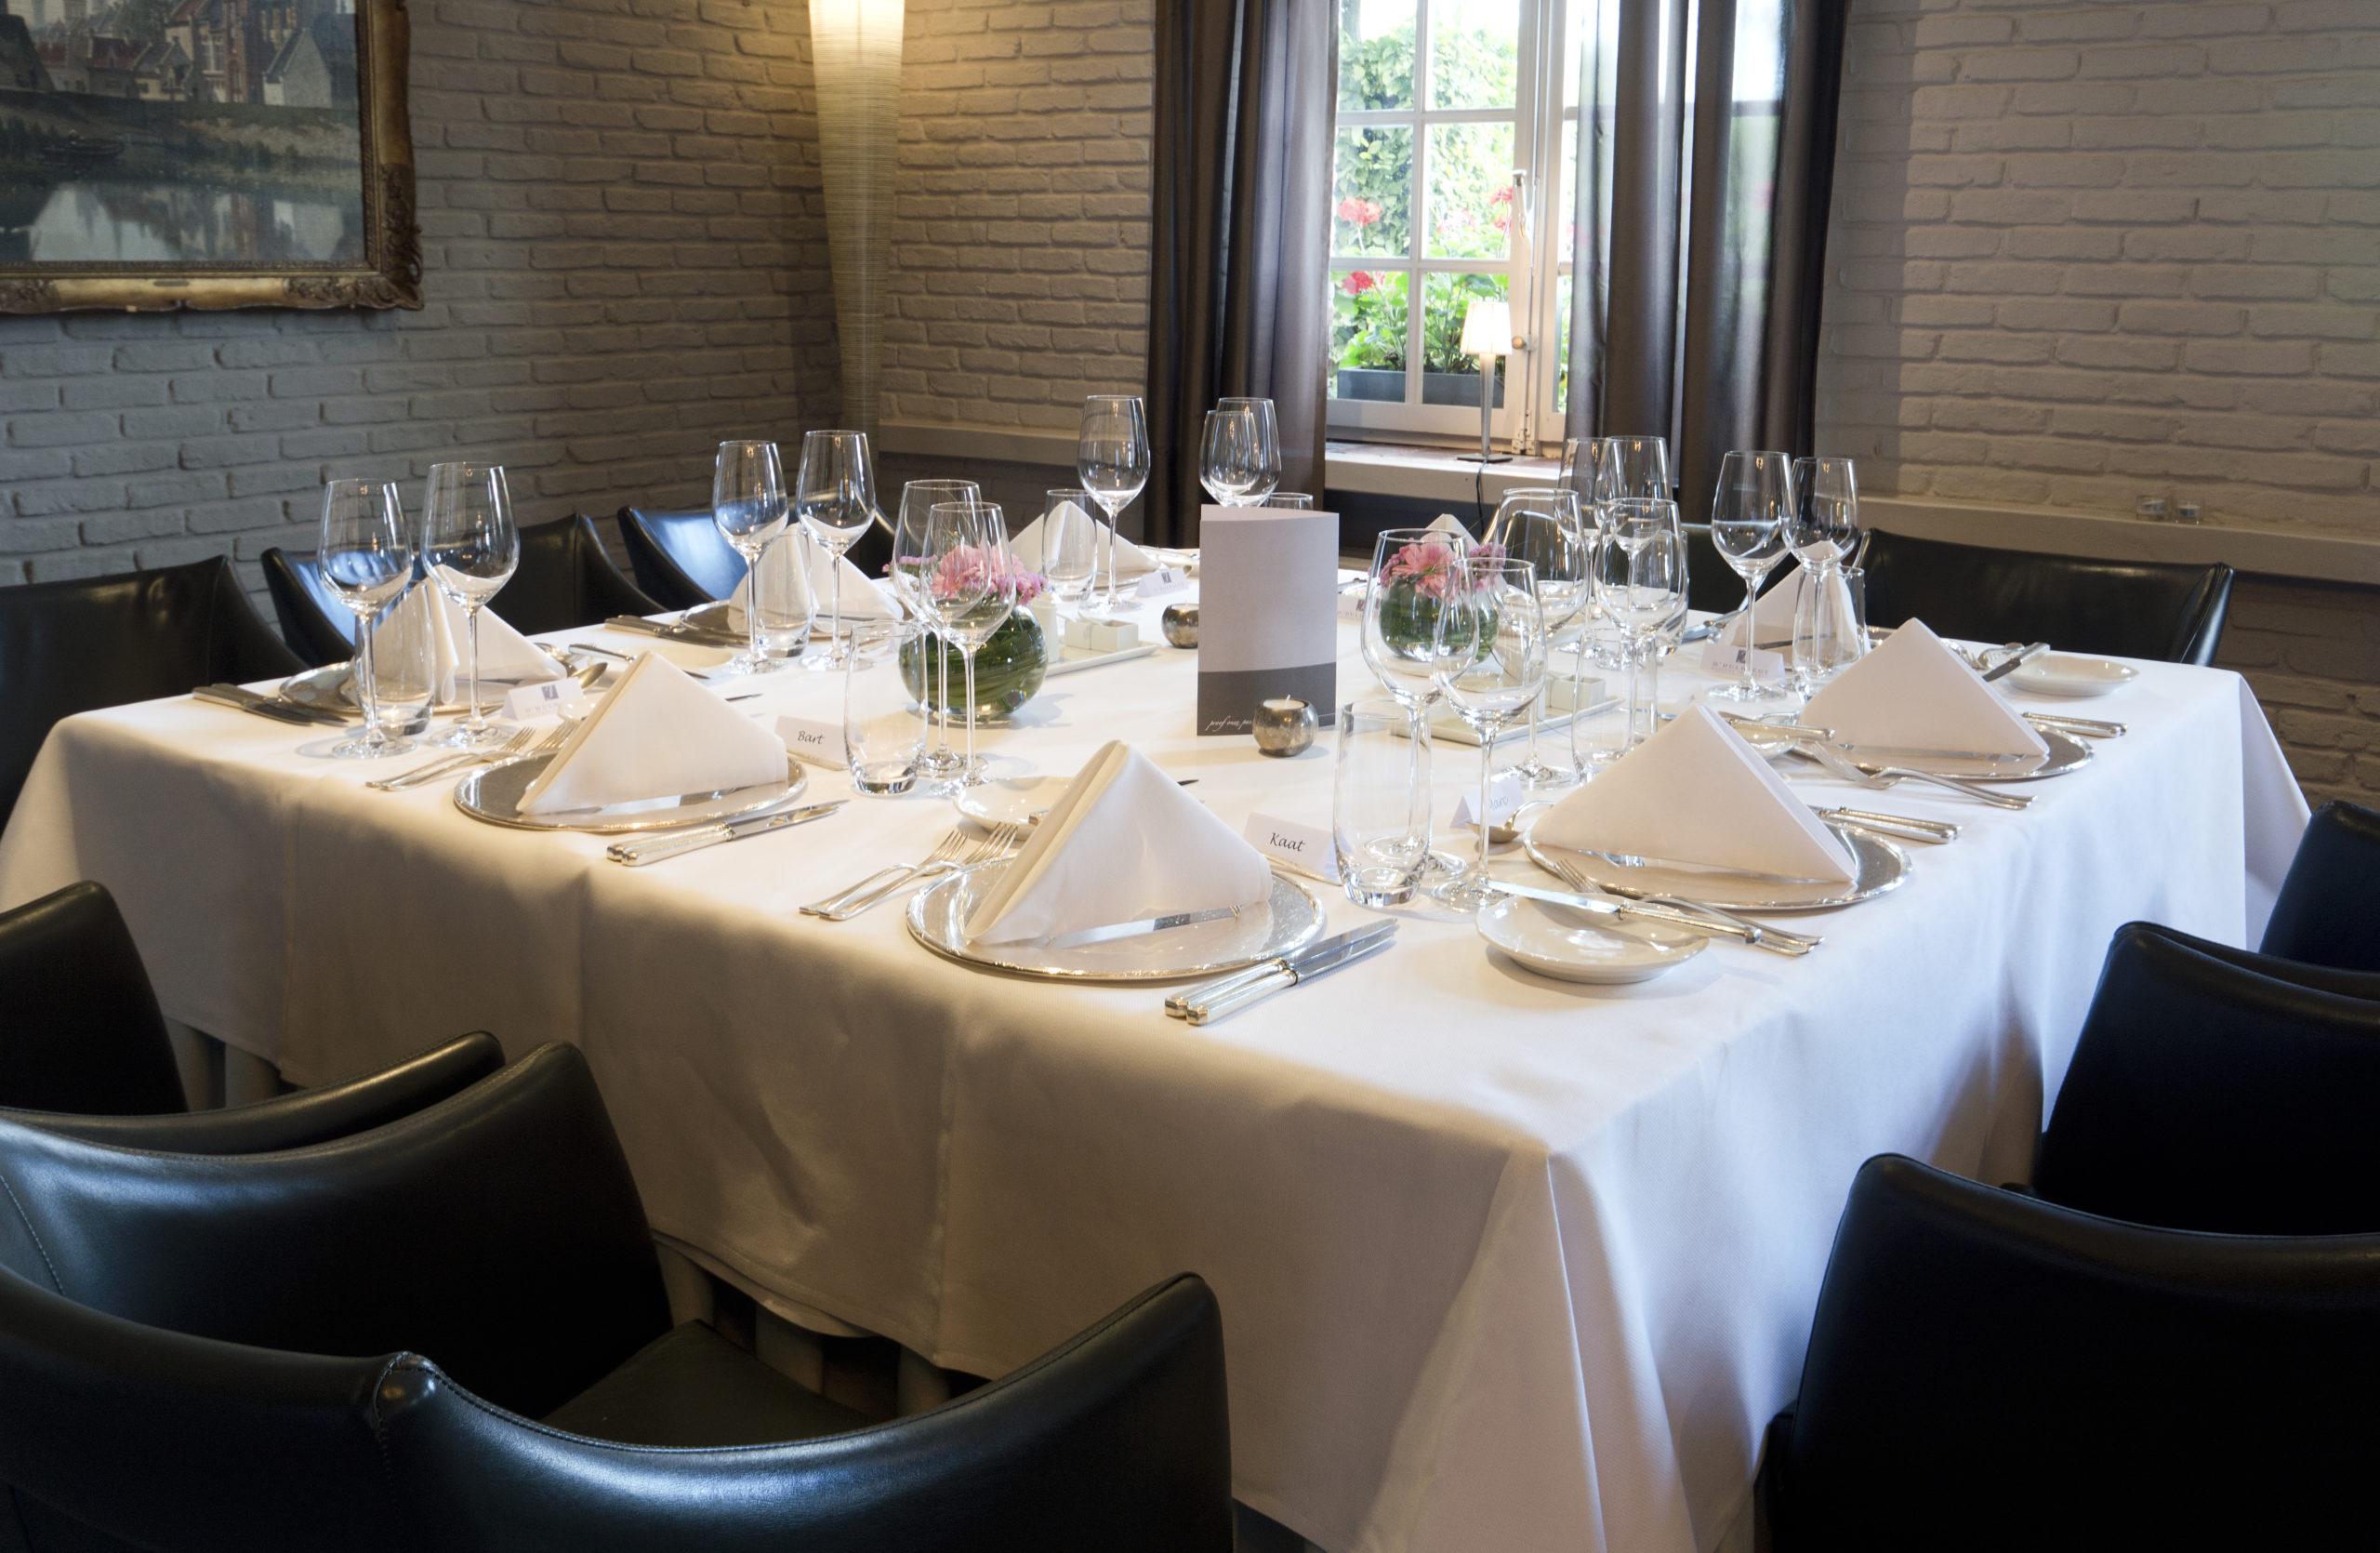 20140816-dhulhaege-restaurant-05